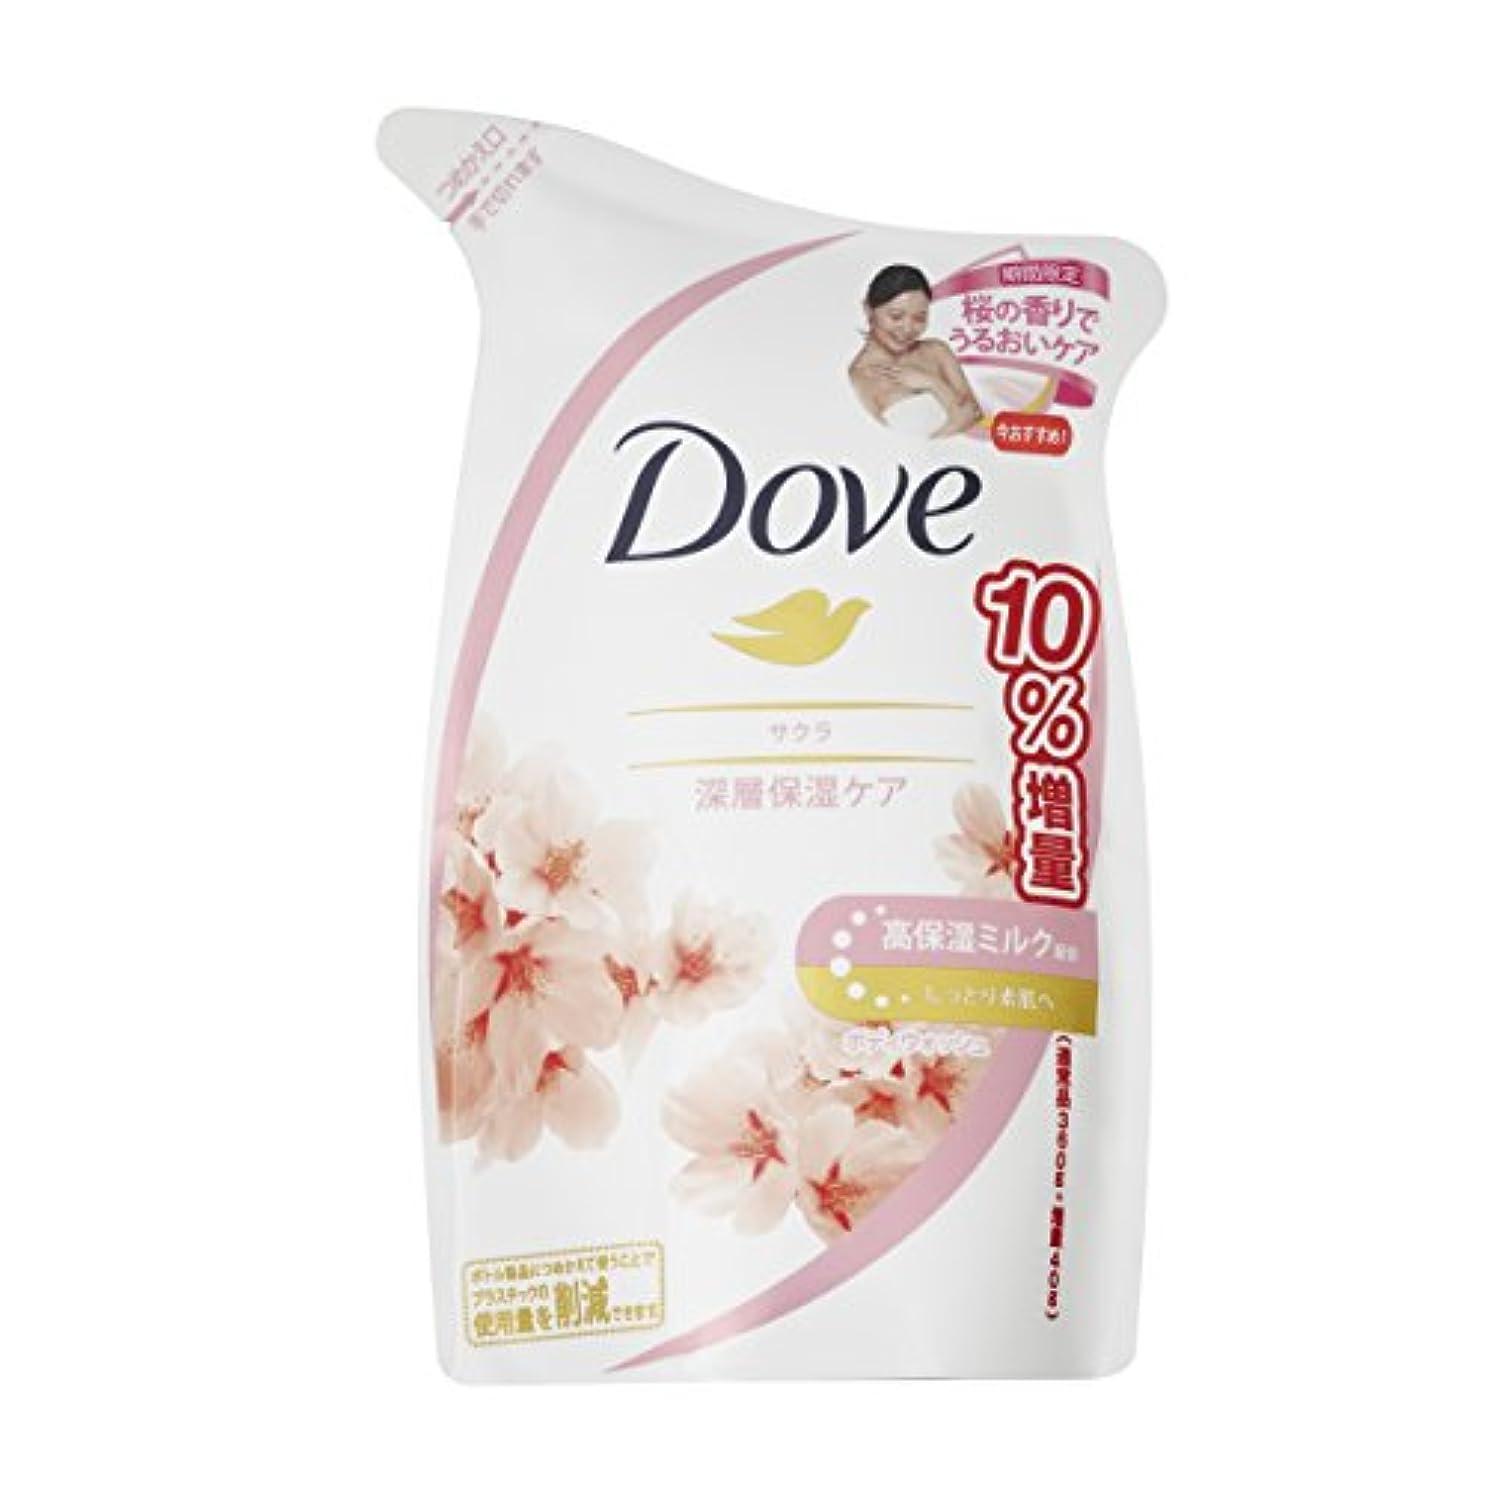 困惑する先のことを考える毎日Dove ダヴ ボディウォッシュ サクラ つめかえ用 増量品 400g